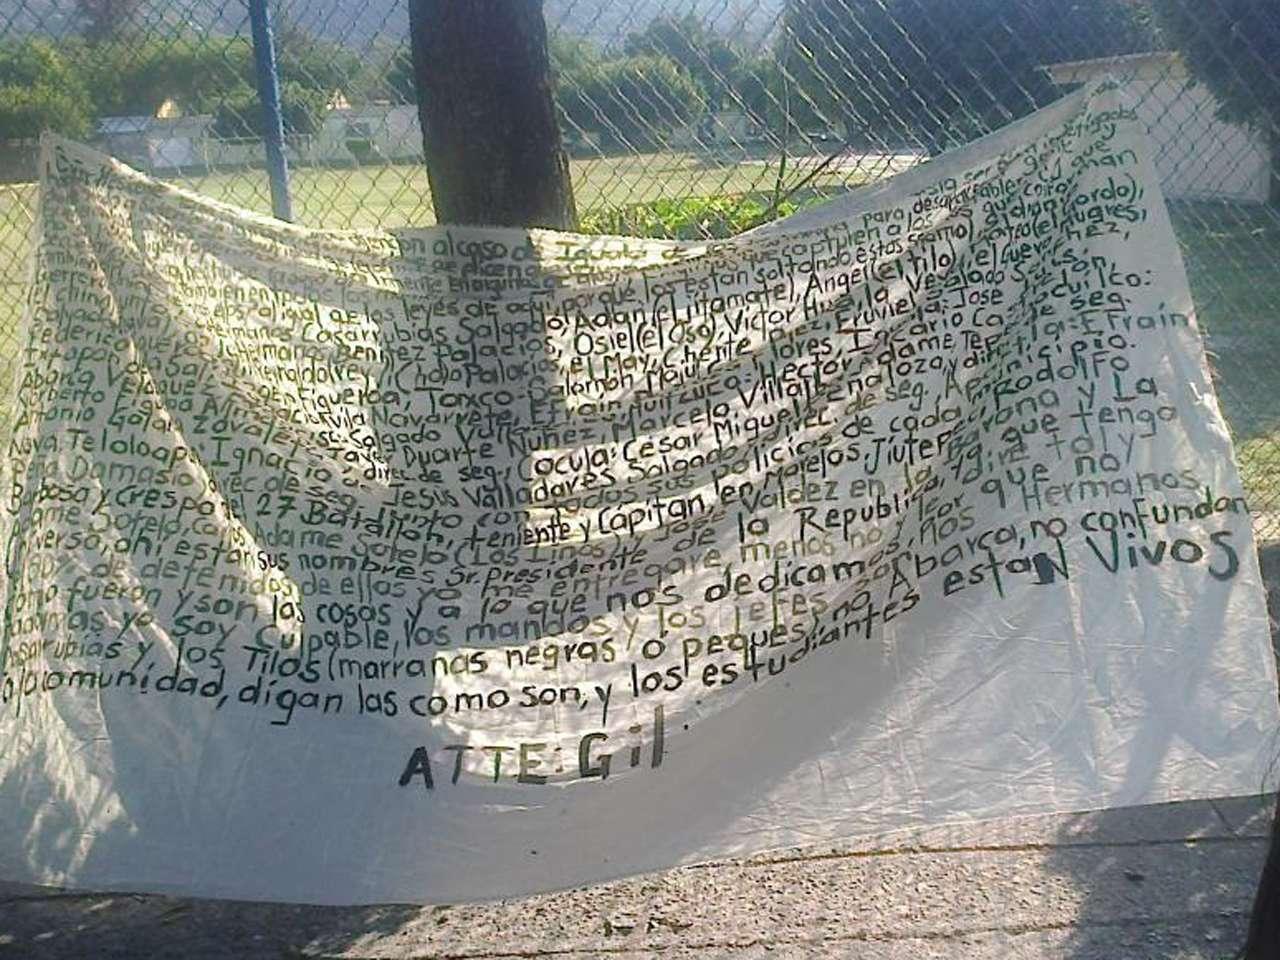 Una narcomanta que apareció en Iguala, Guerrero, indica que los normalistas de Ayotzinapa siguen con vida. Foto: @Dae_Bowie